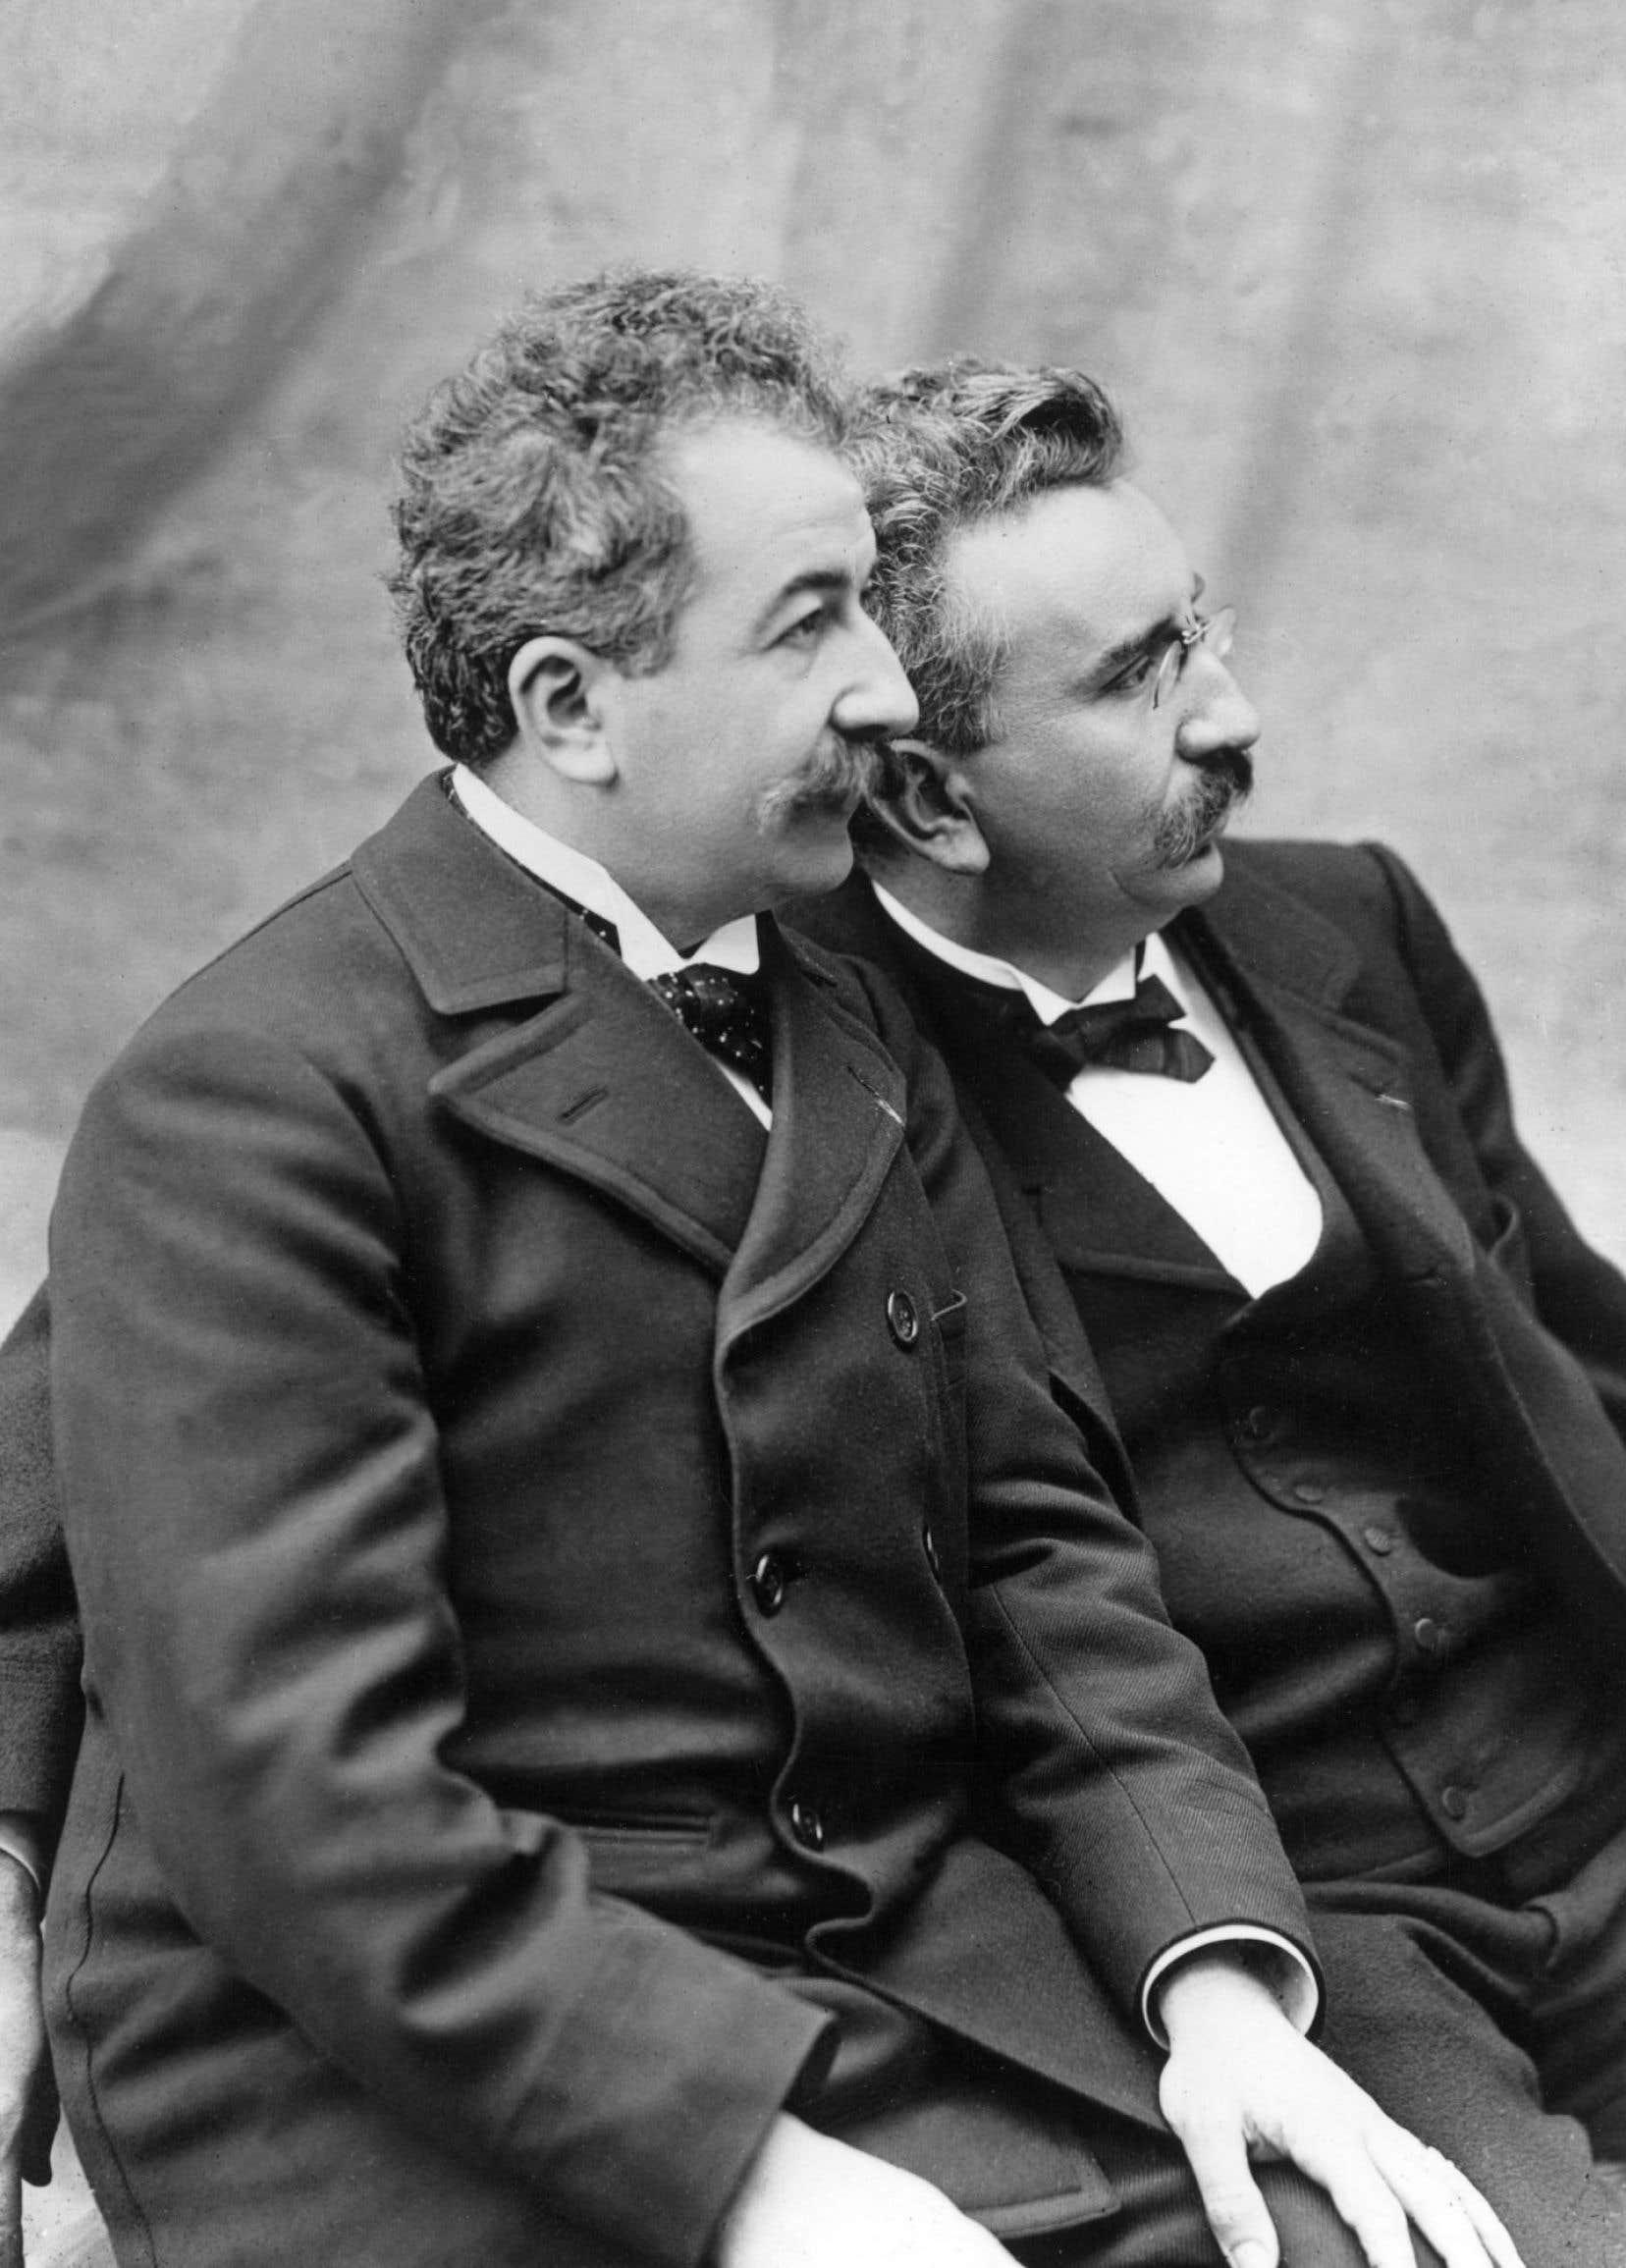 Le Scribe est célèbre pour avoir abrité au sous-sol la toute première séance publique de cinéma des frères Louis et Auguste Lumière.